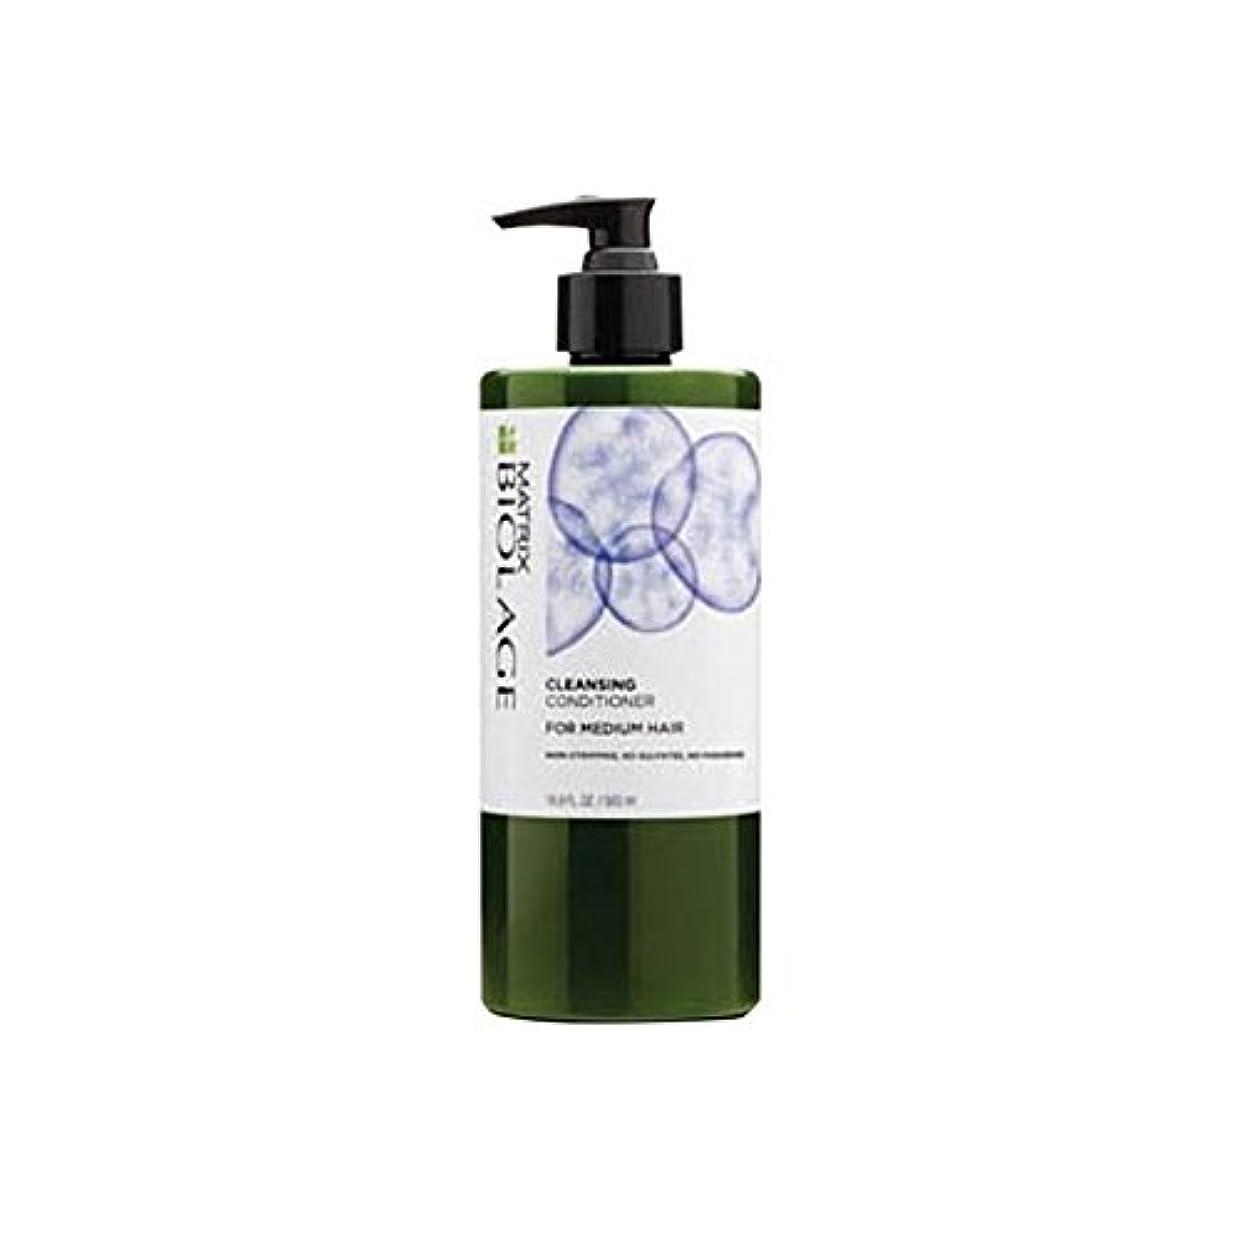 エステート自己別のMatrix Biolage Cleansing Conditioner - Medium Hair (500ml) - マトリックスバイオレイジクレンジングコンディショナー - メディア髪(500ミリリットル) [並行輸入品]